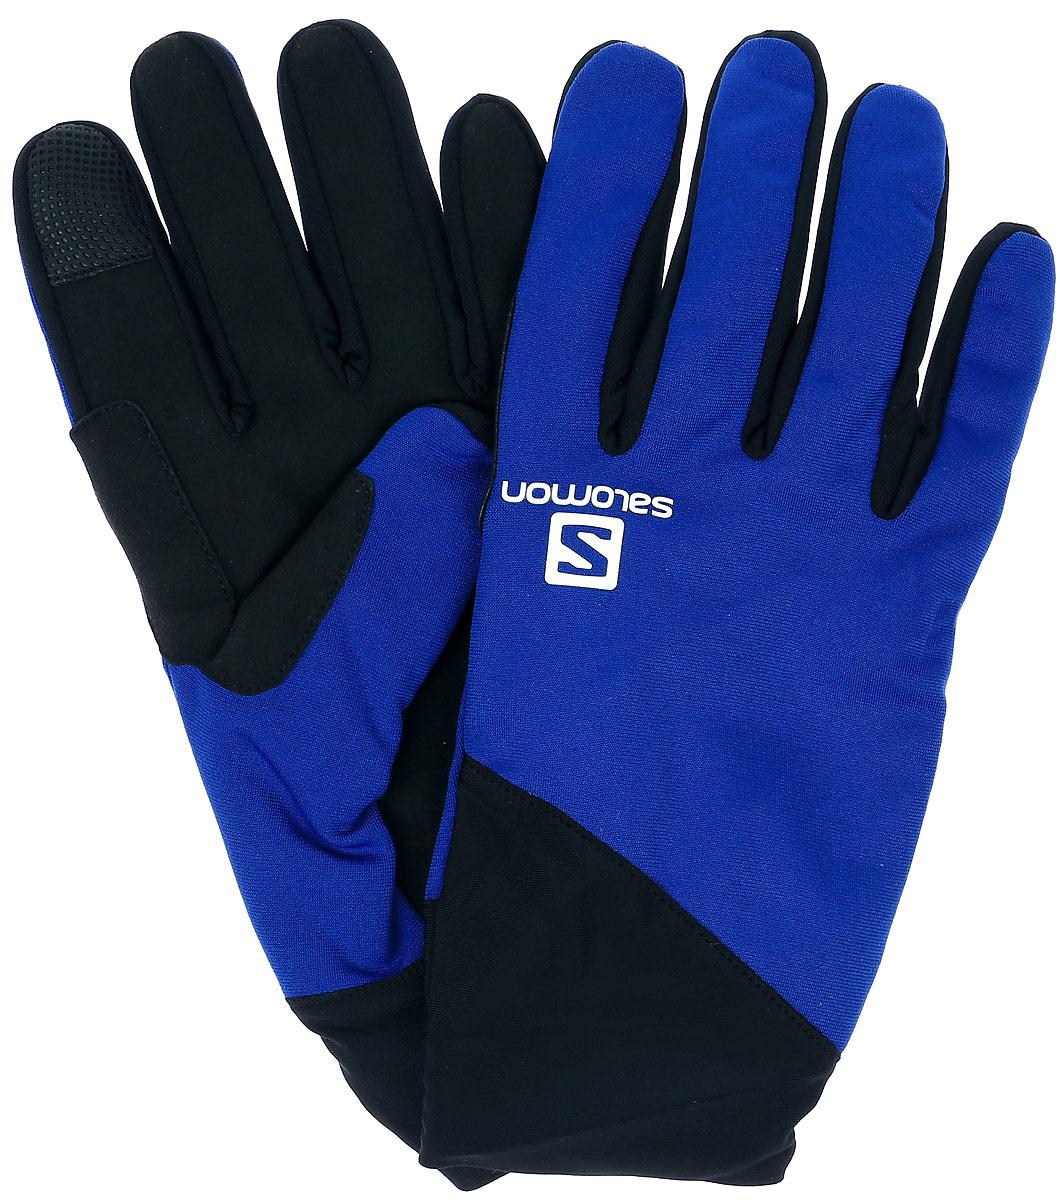 ПерчаткиL39011500Перчатки Salomon Discovery Glove M выполнены из полиэстера, эластана и нейлона. Модель оформлена фирменным принтом и прострочкой. Перчатки позволяют пользоваться устройствами Touch Screen. Внутренняя поверхность выполнена из утепленных материалов. Эластичные манжеты надежно зафиксируют запястье, не сдавливая его.